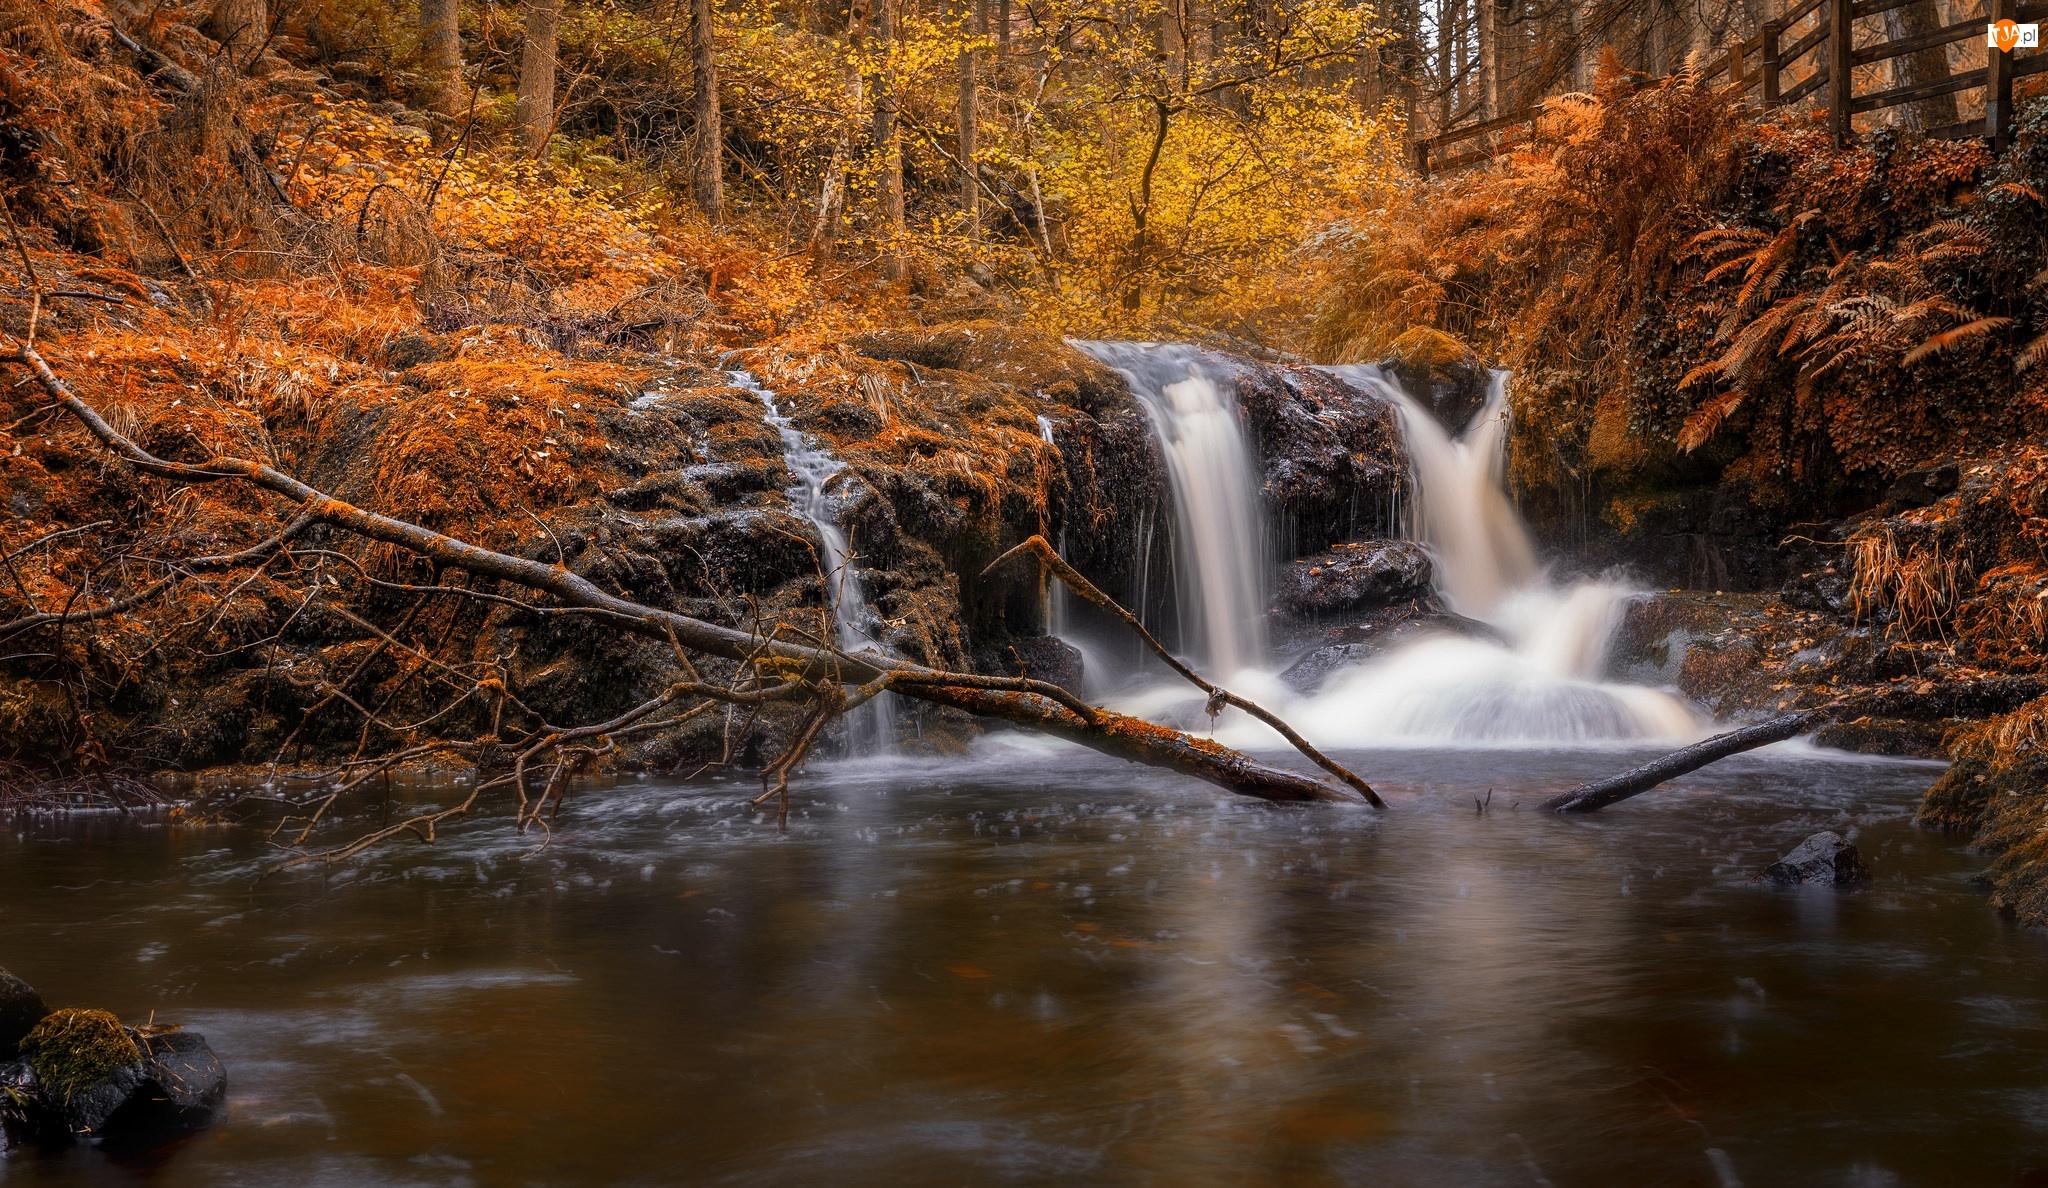 Drzewa, Skały, Jesień, Las, Most, Rzeka, Wodospad